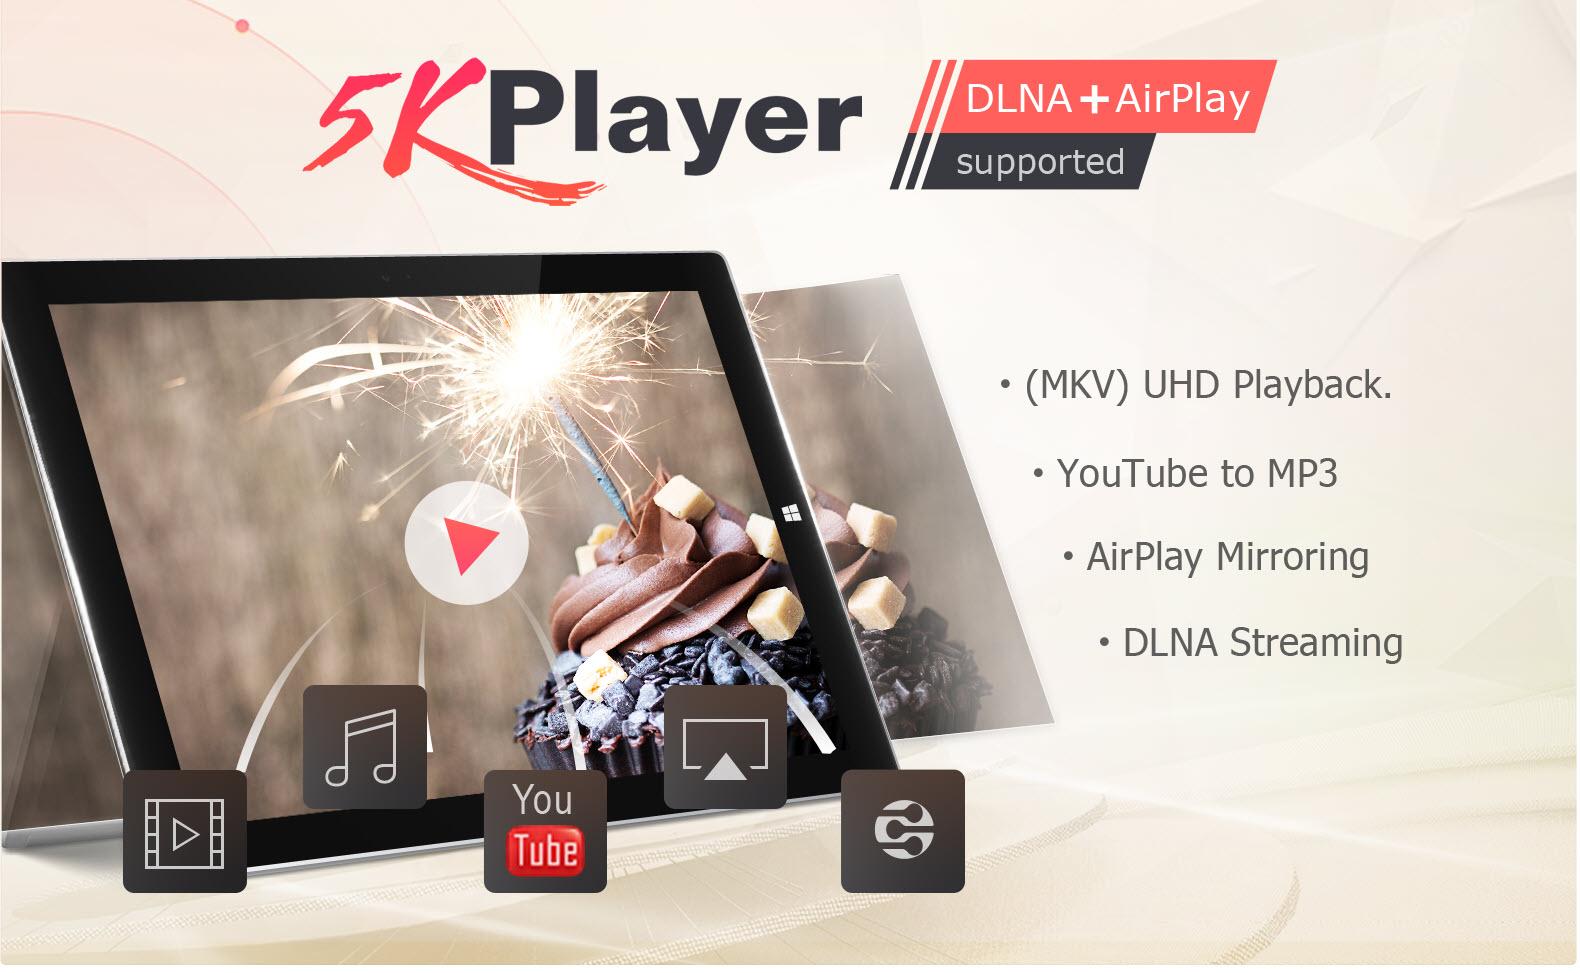 5KPlayer - Phần mềm xem, download, stream và cắt Video 4K tốt nhất